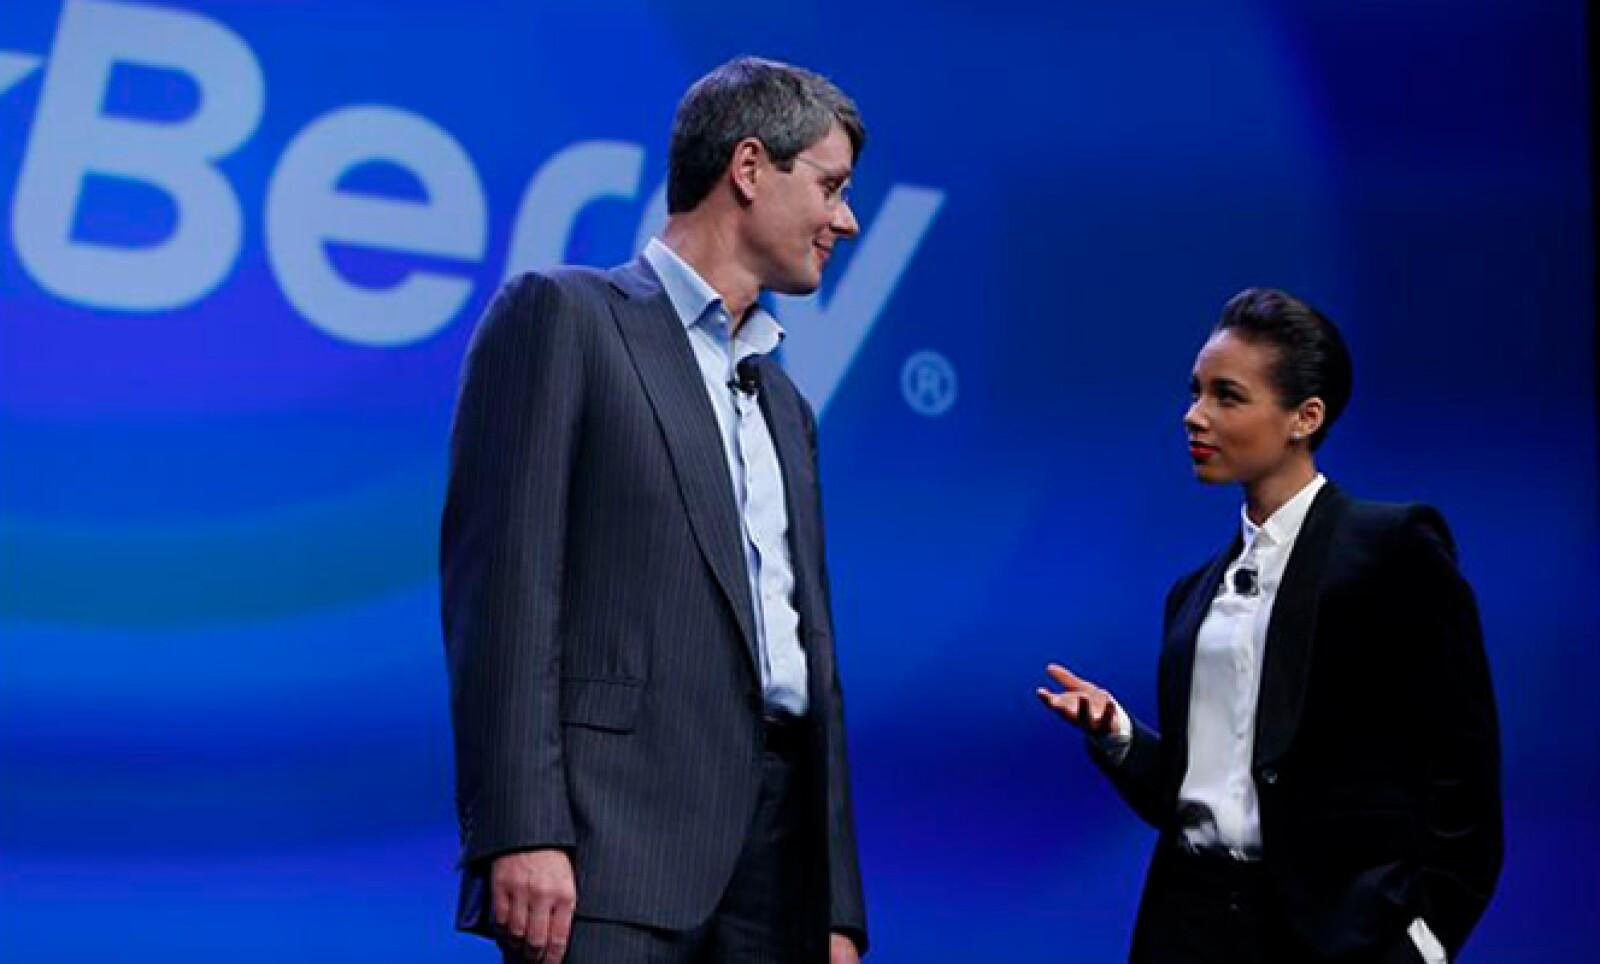 La cantante estadounidense Alicia Keys fue nombrada Directora Global Creativa de BlackBerry.